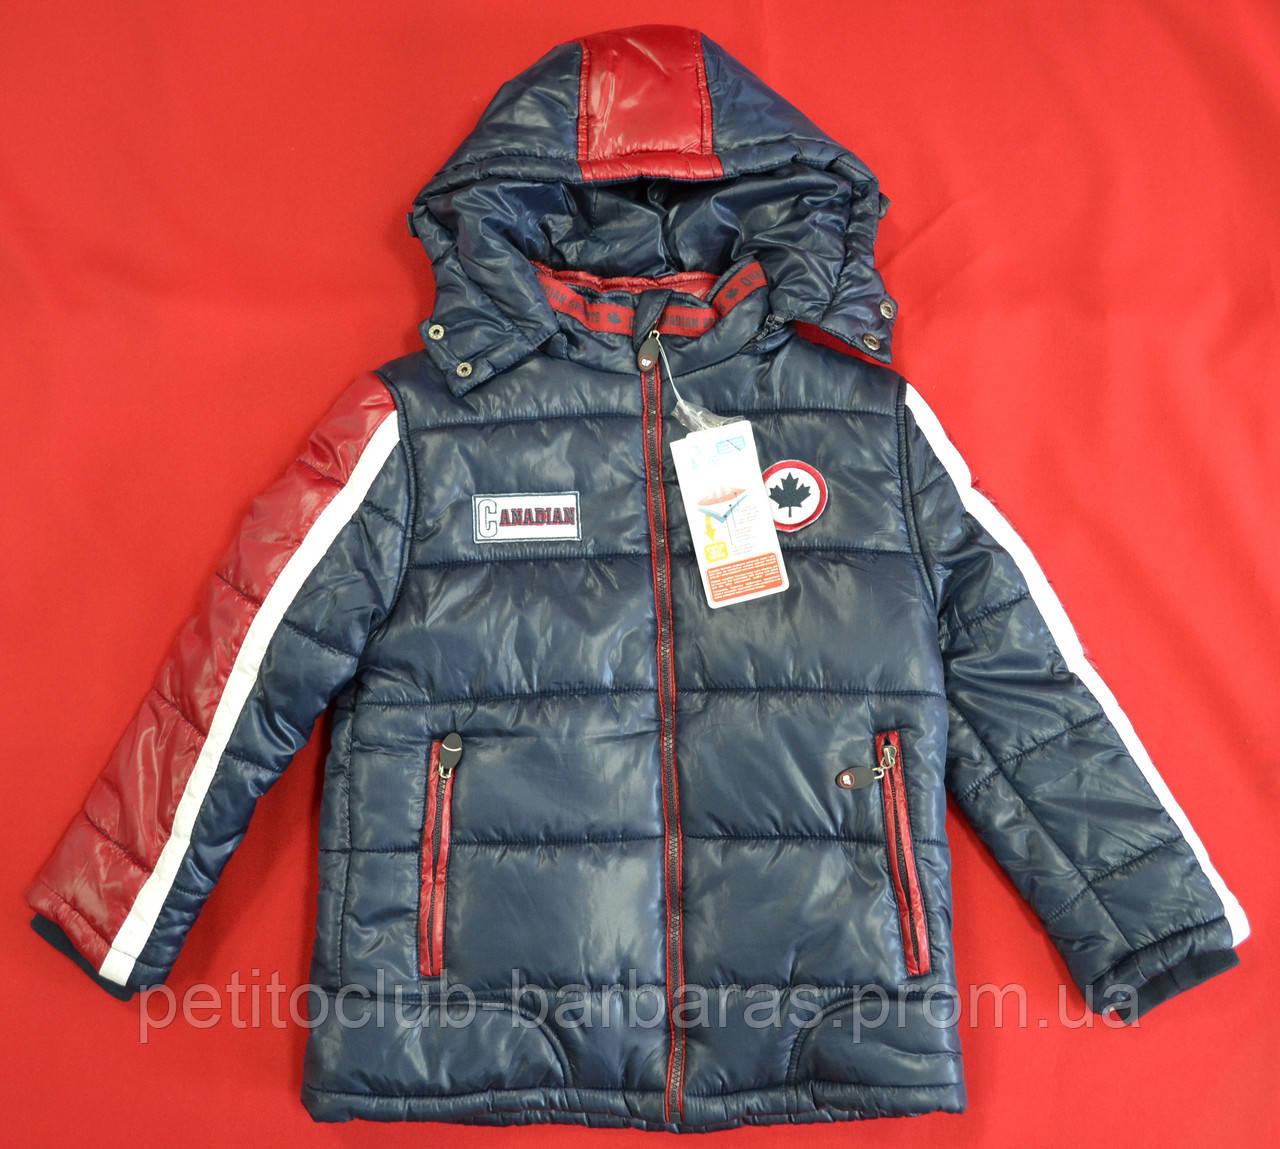 Зимняя куртка для мальчика Canadian темно-синяя (QuadriFoglio, Польша)